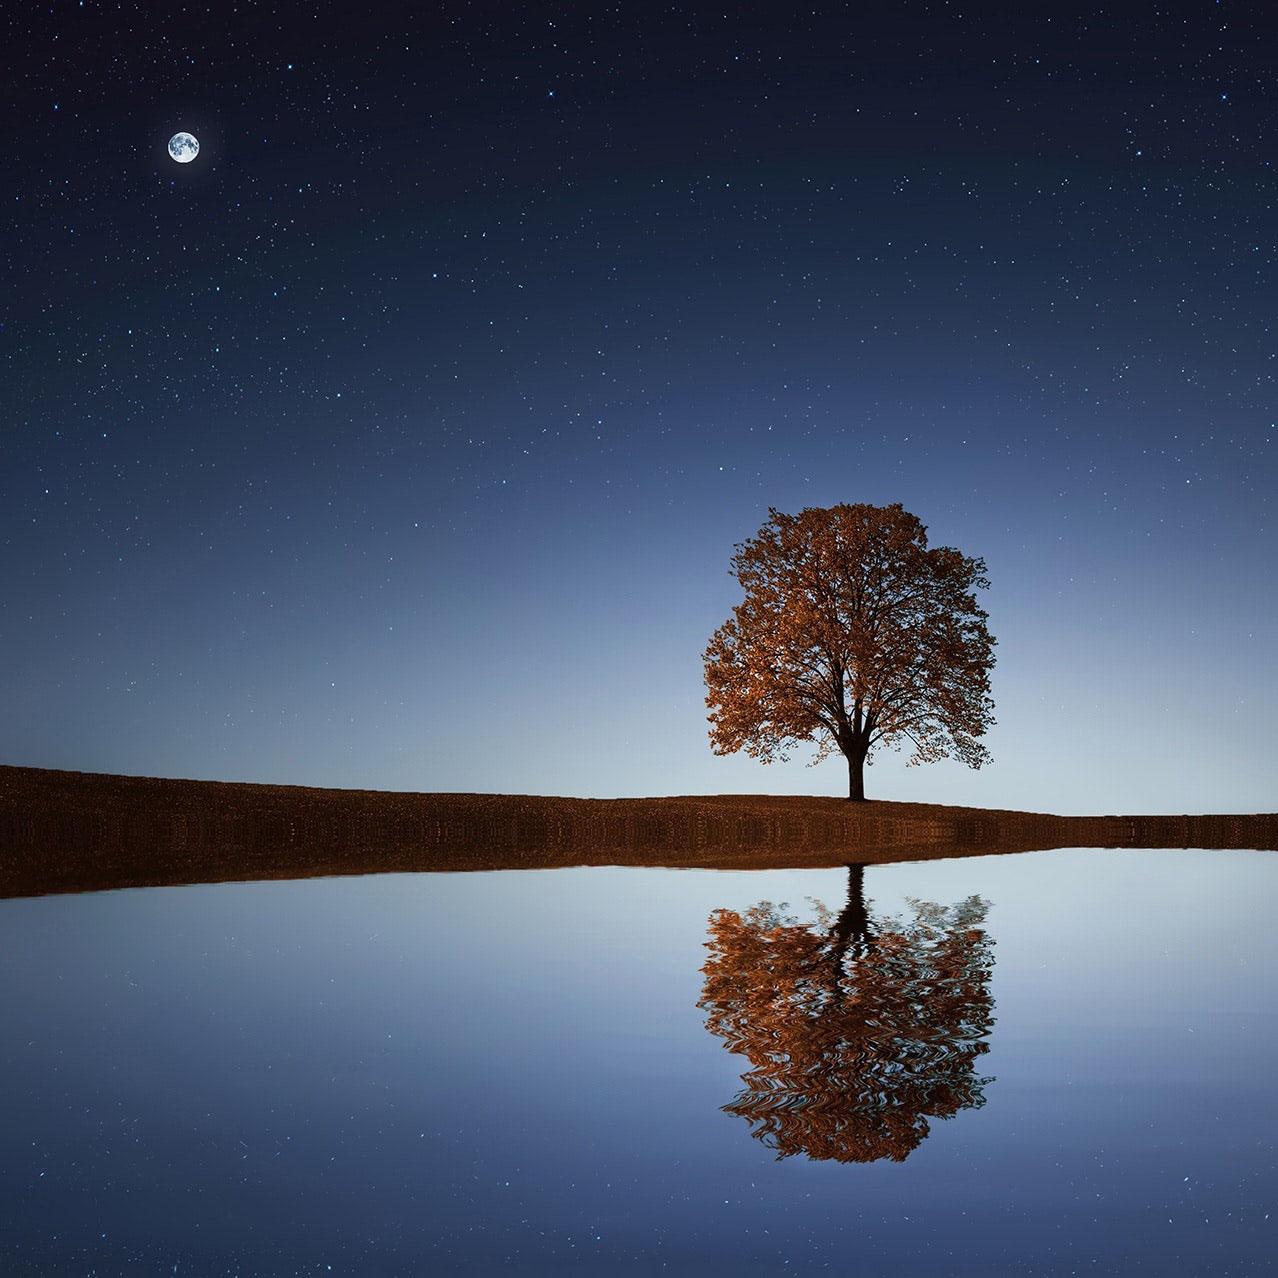 arbre sur fond bleu l'arbre magique